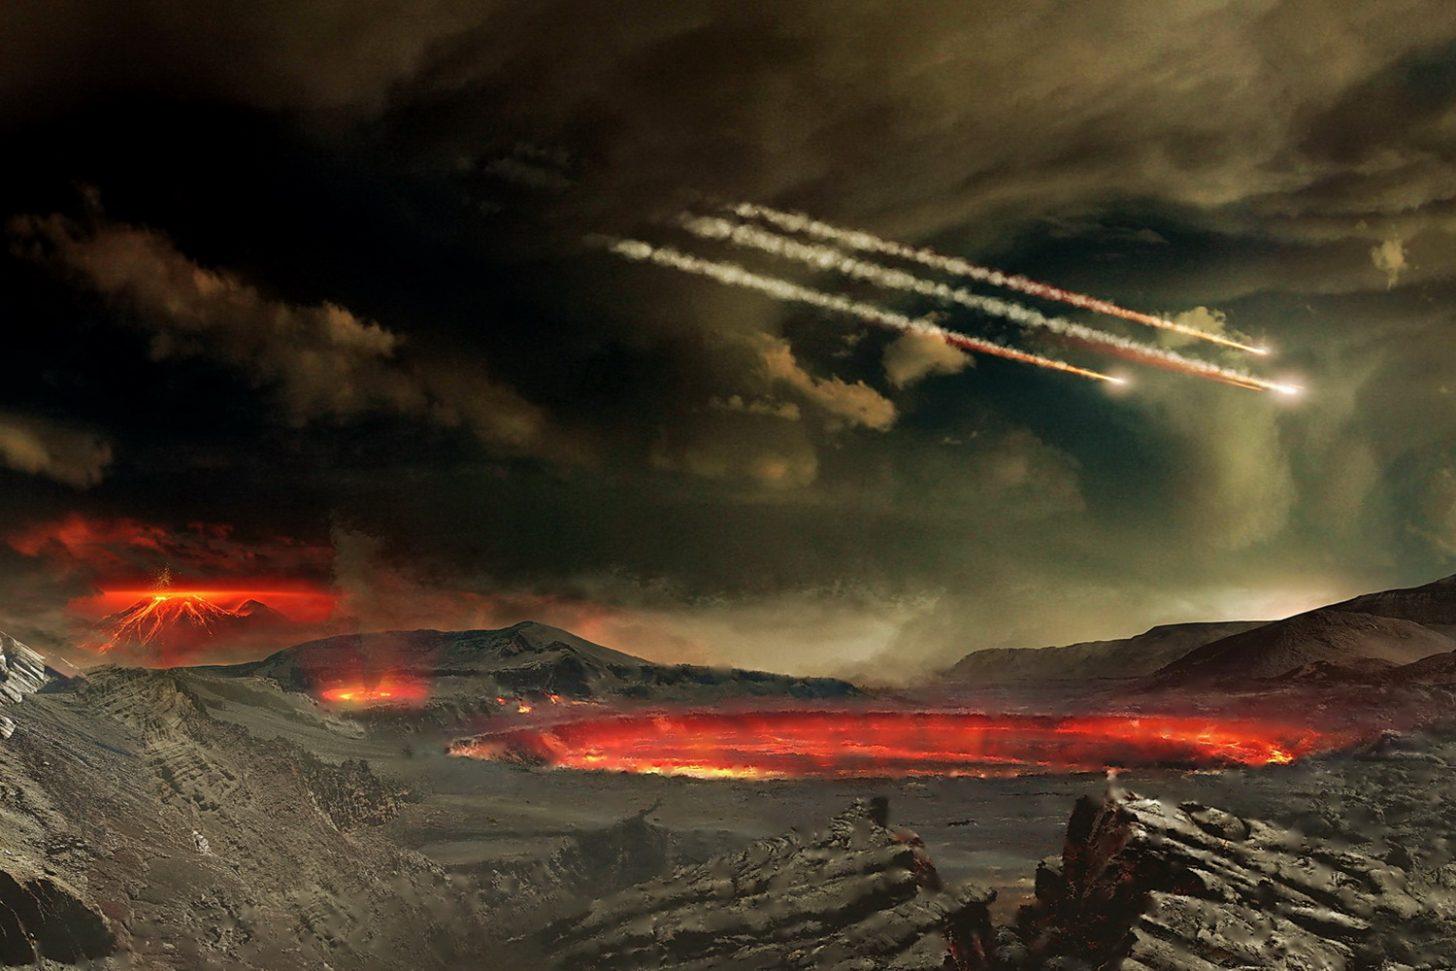 Вчені дослідили, що вода надходила на Землю з метеоритами протягом всієї її історії